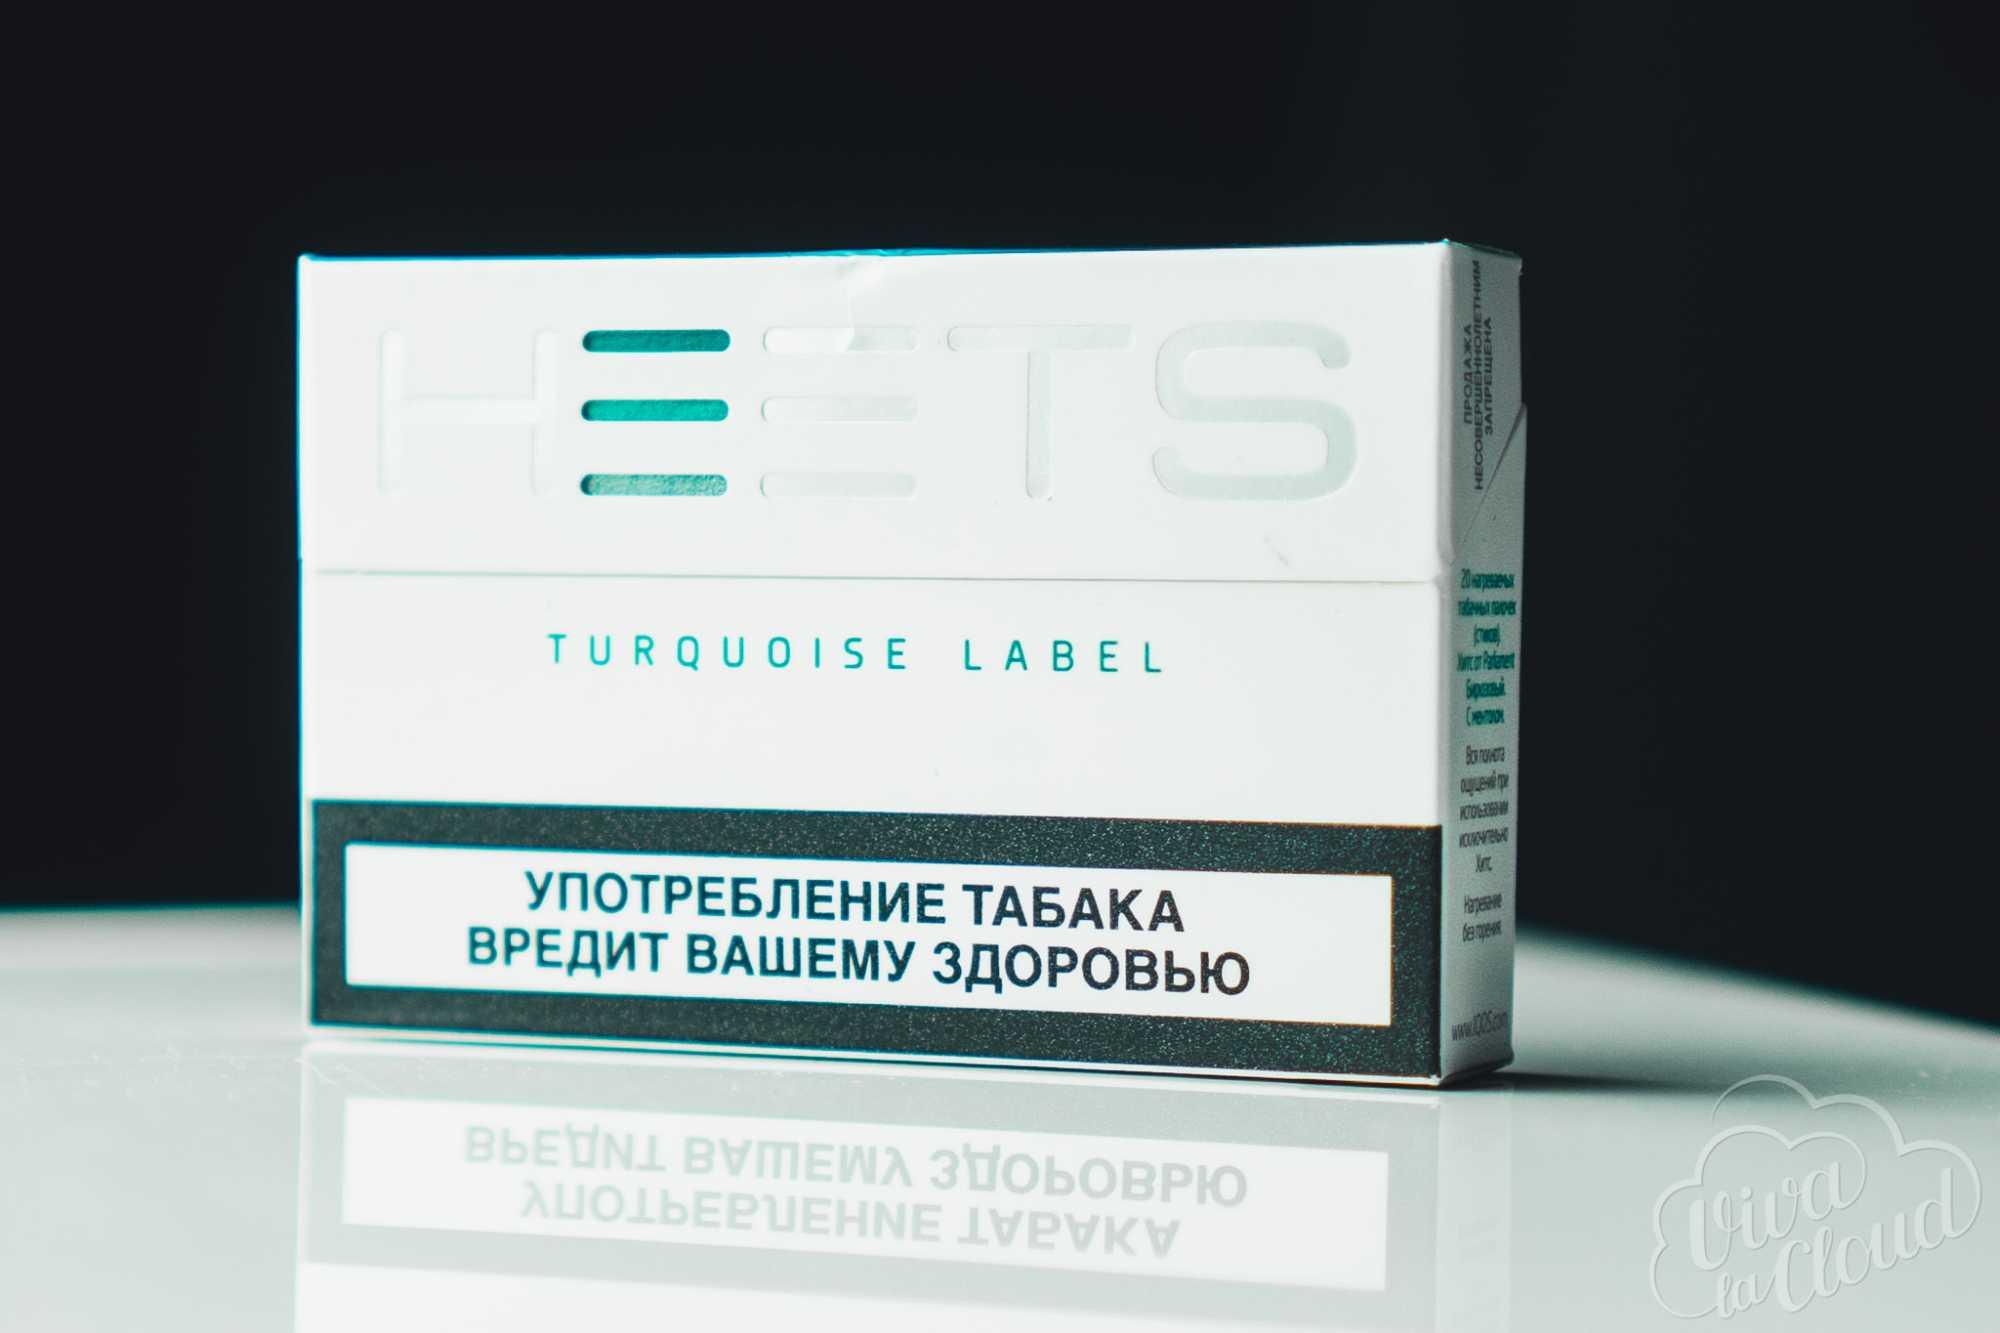 Cтики Iqos Heets Turquoise Label